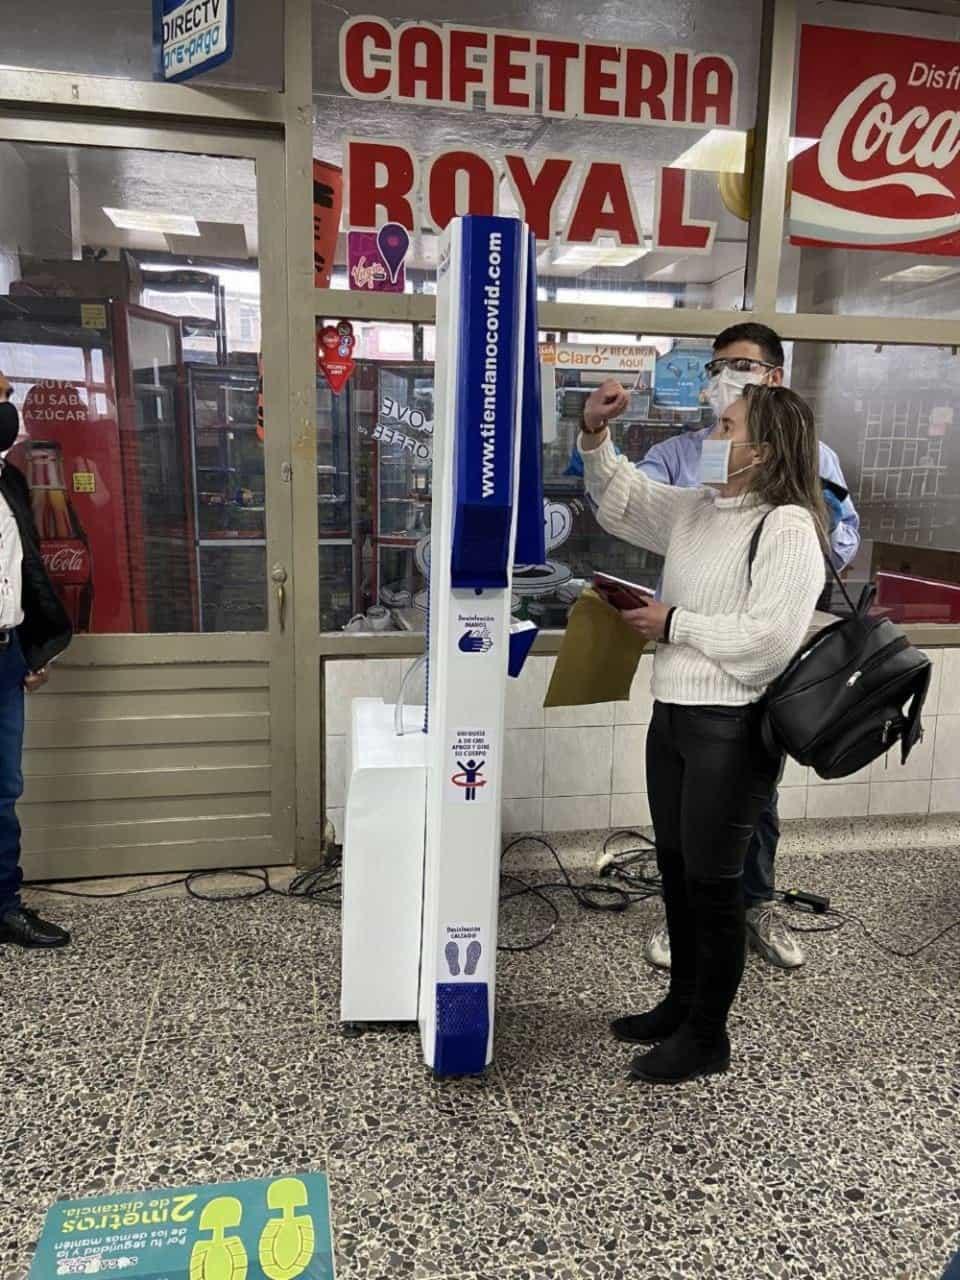 Ya no hay restricciones para utilizar el transporte intermunicipal de pasajeros #LaEntrevista #LoDijoEn7días 3